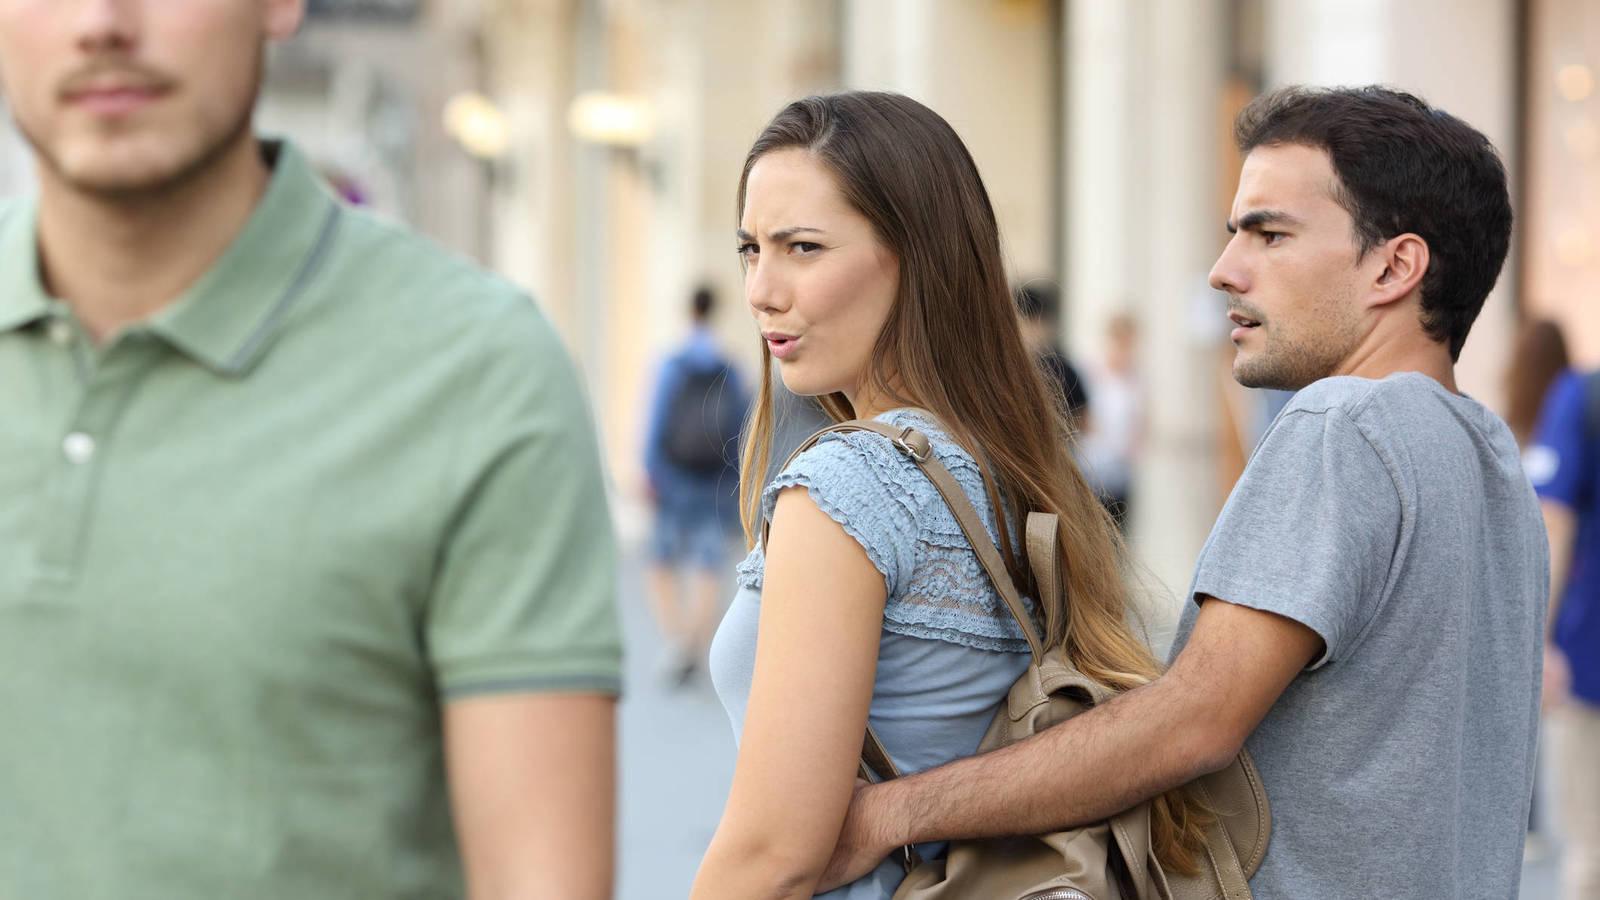 Beneficios de tener una relacion - Beneficios de tener una relación abierta